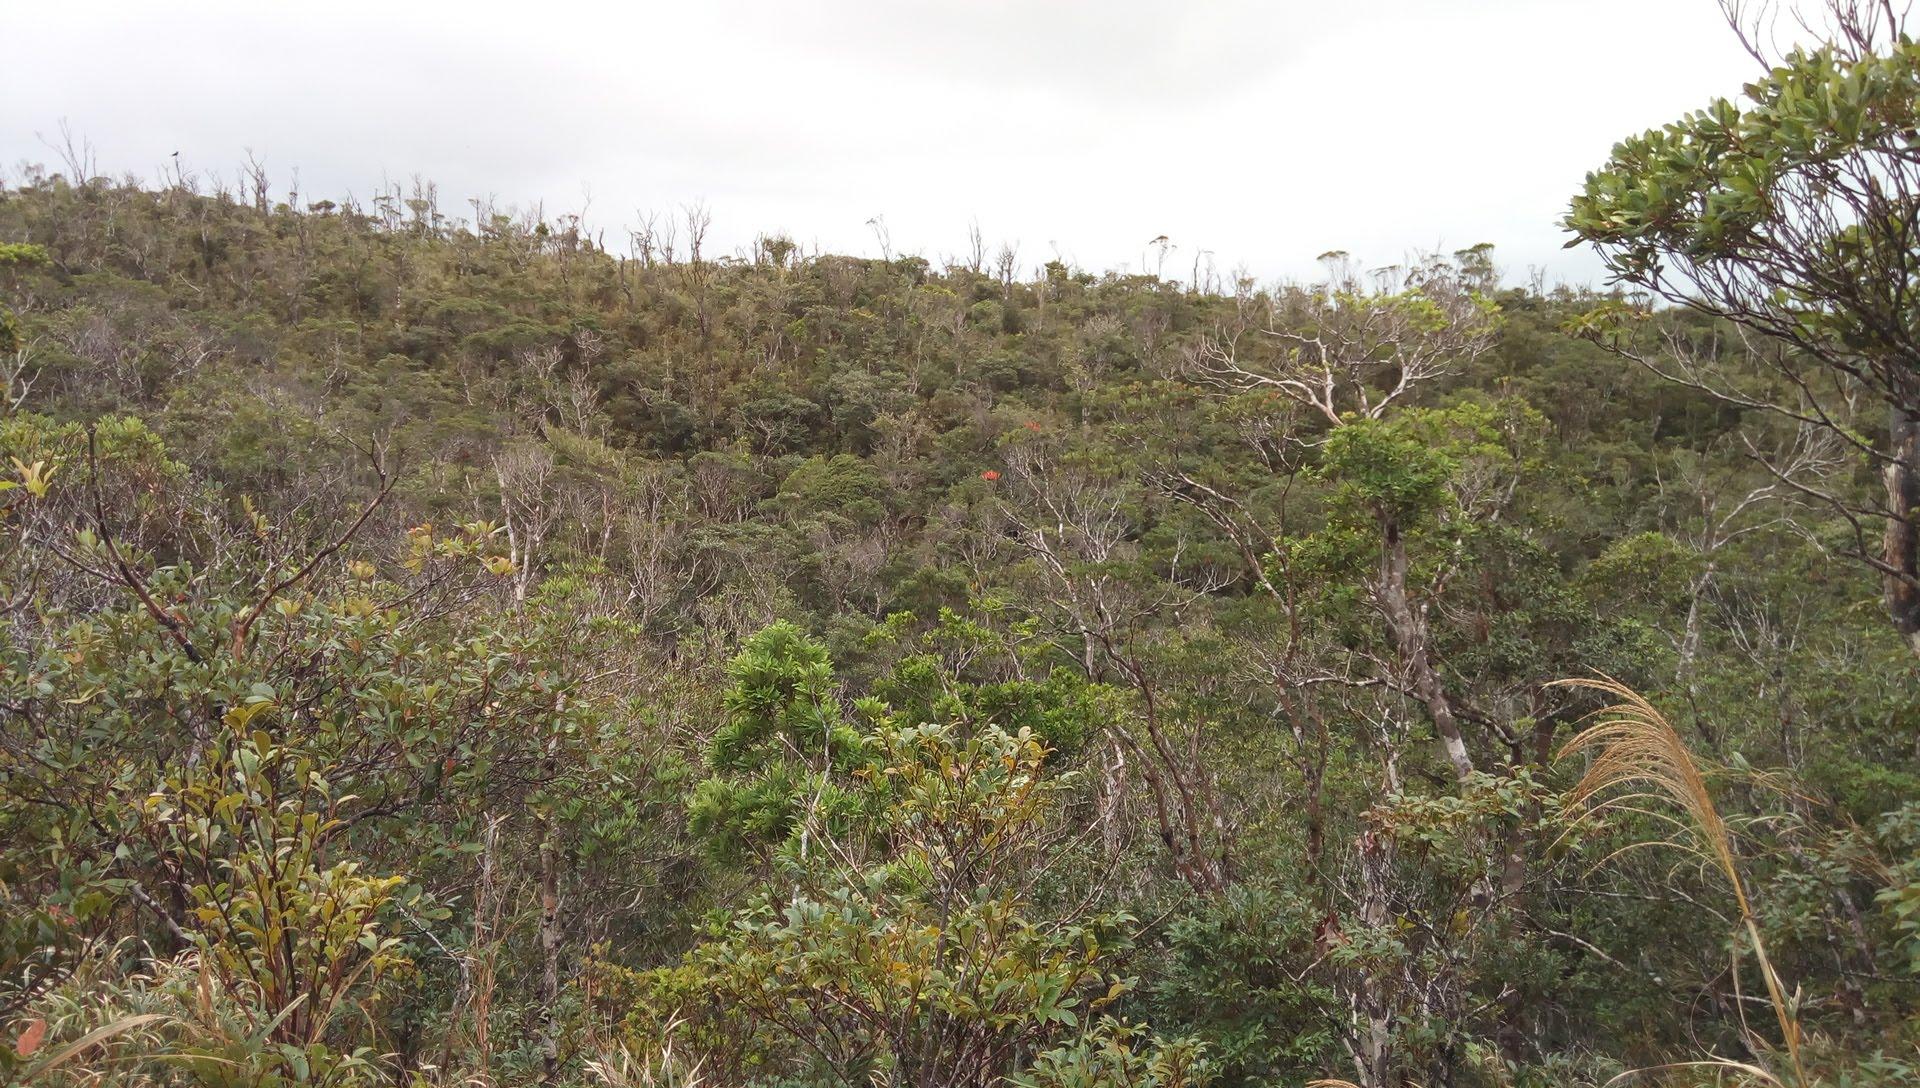 国頭トレイルウォークで見かけたやんばるの森の風景 2